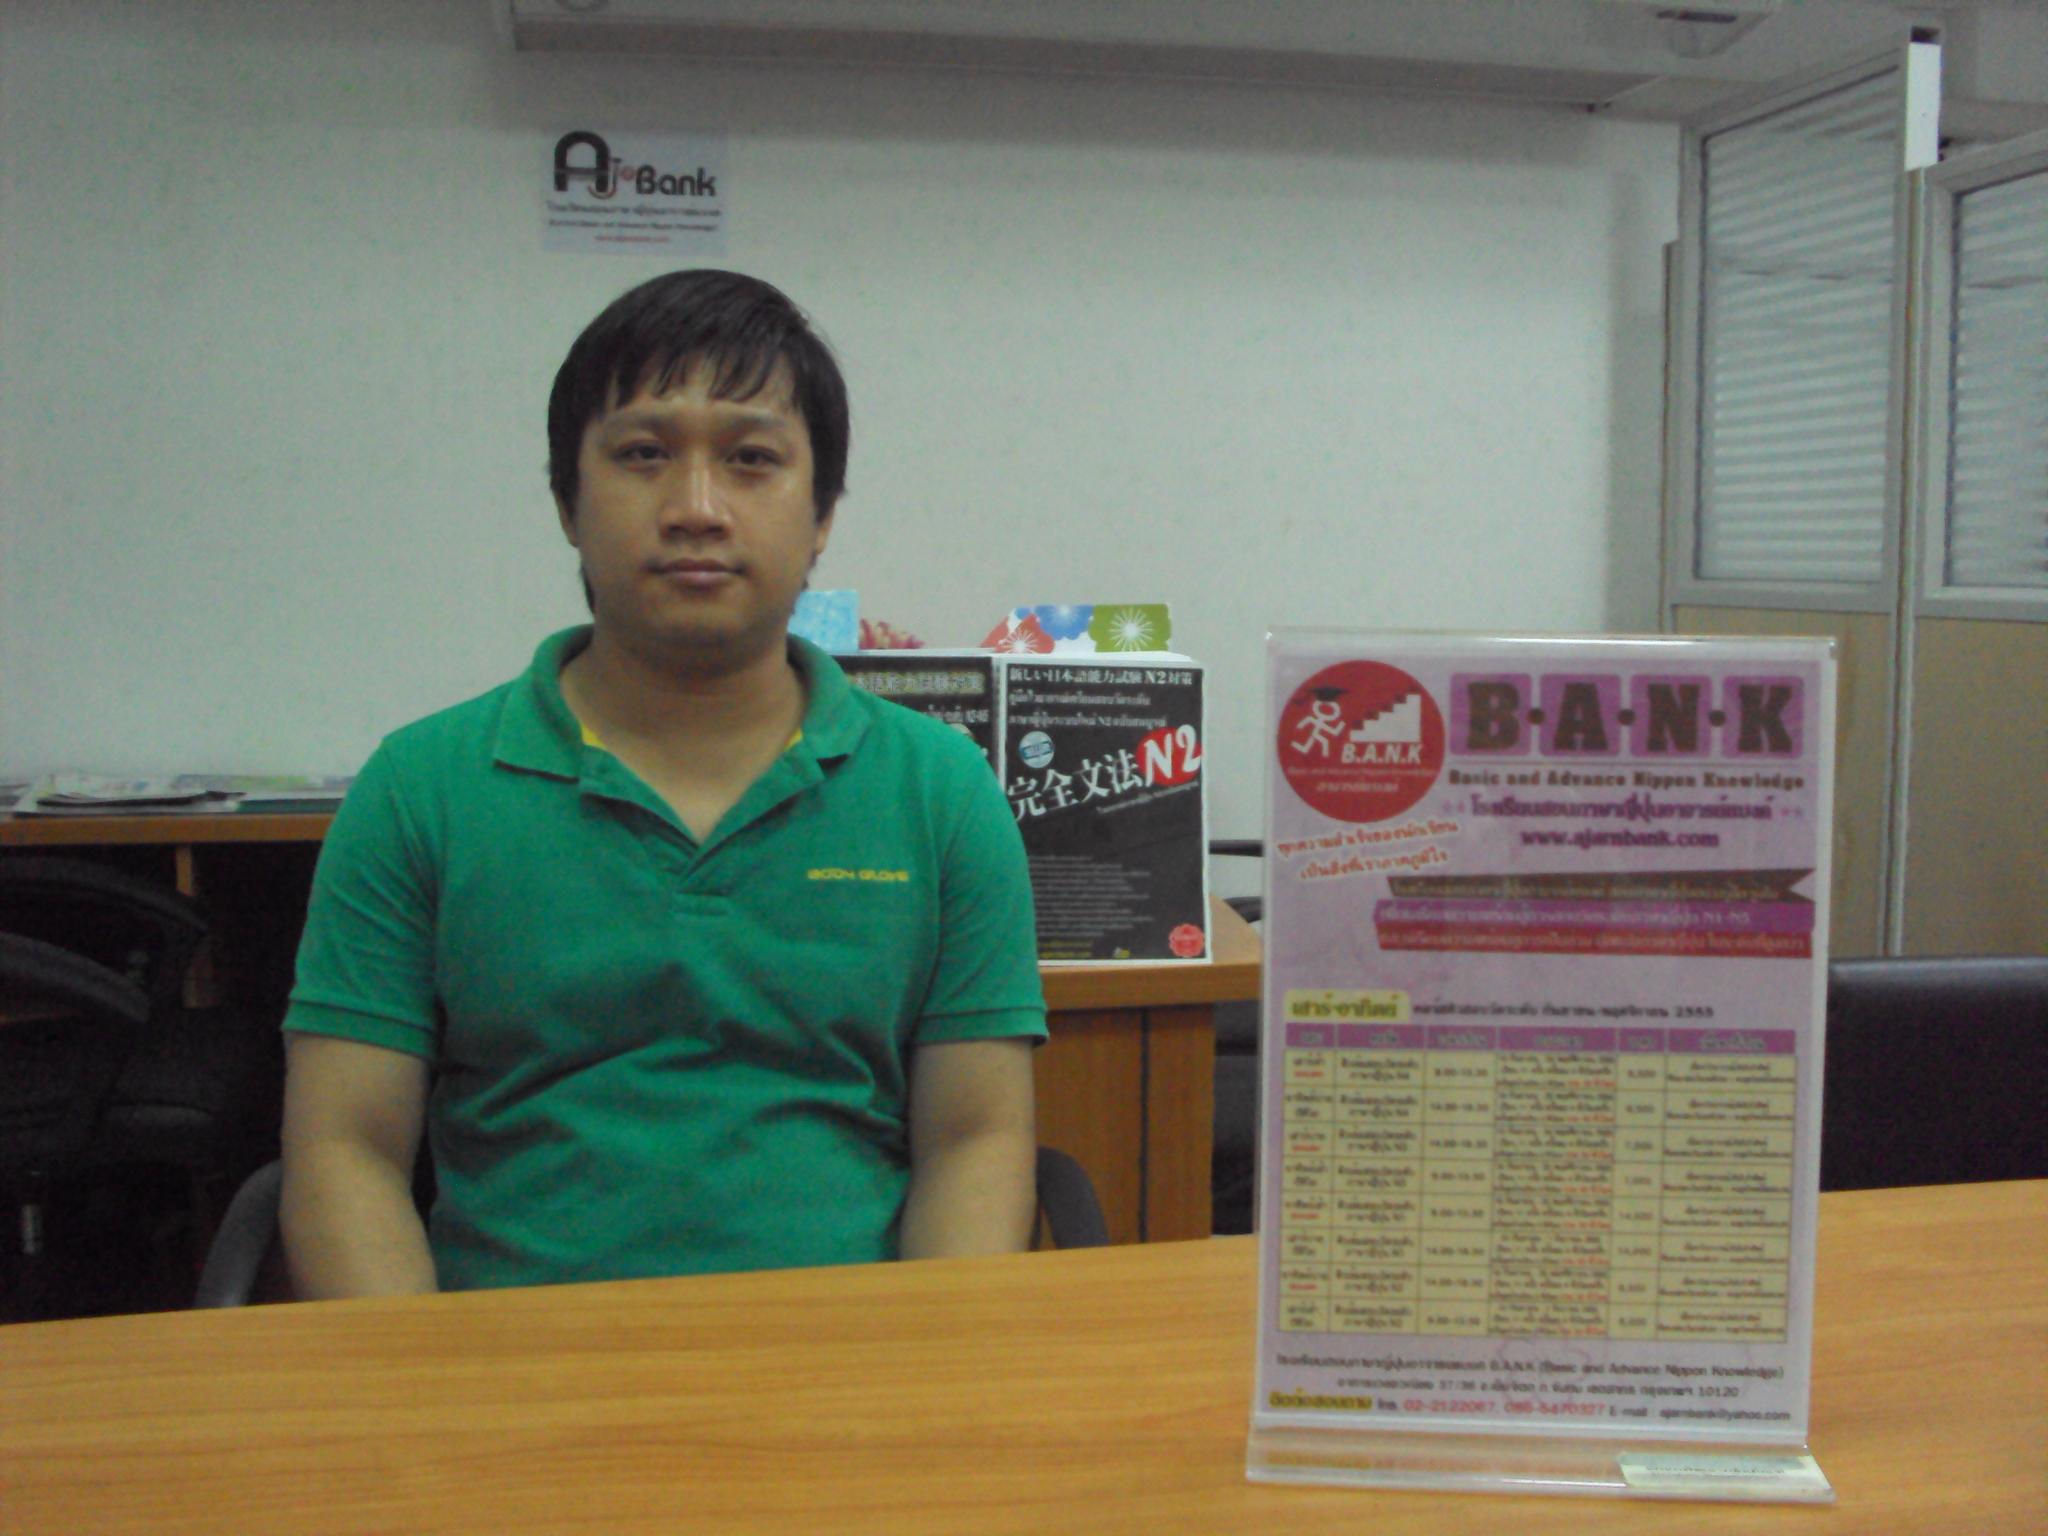 นักเรียนโรงเรียนสอนภาษาญี่ปุ่นอาจารย์แบงค์